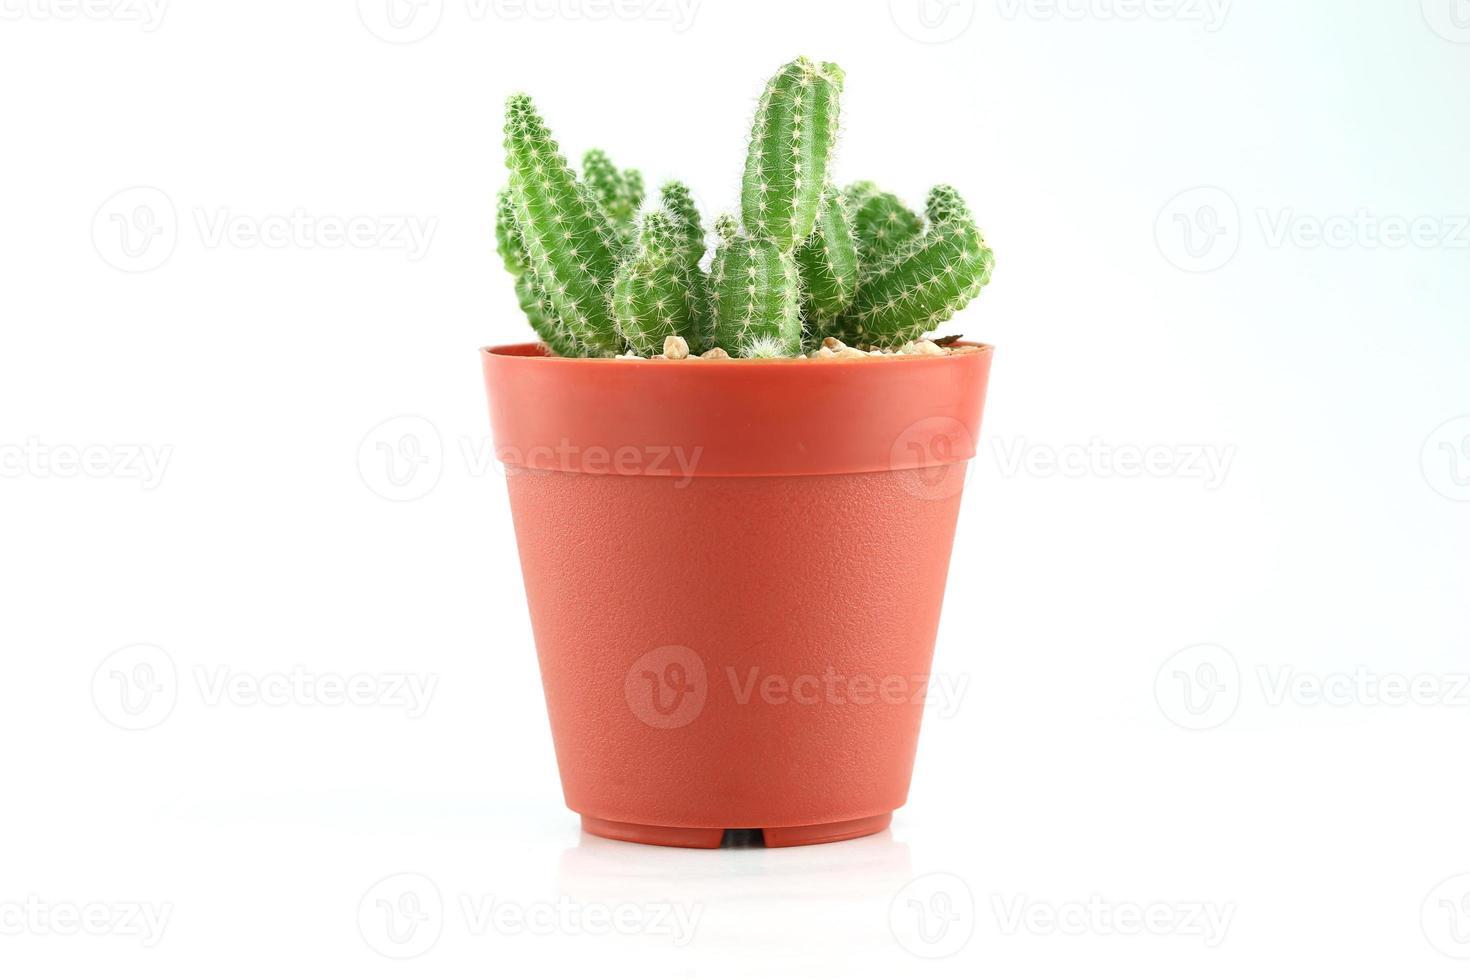 cactus in flower pot. photo